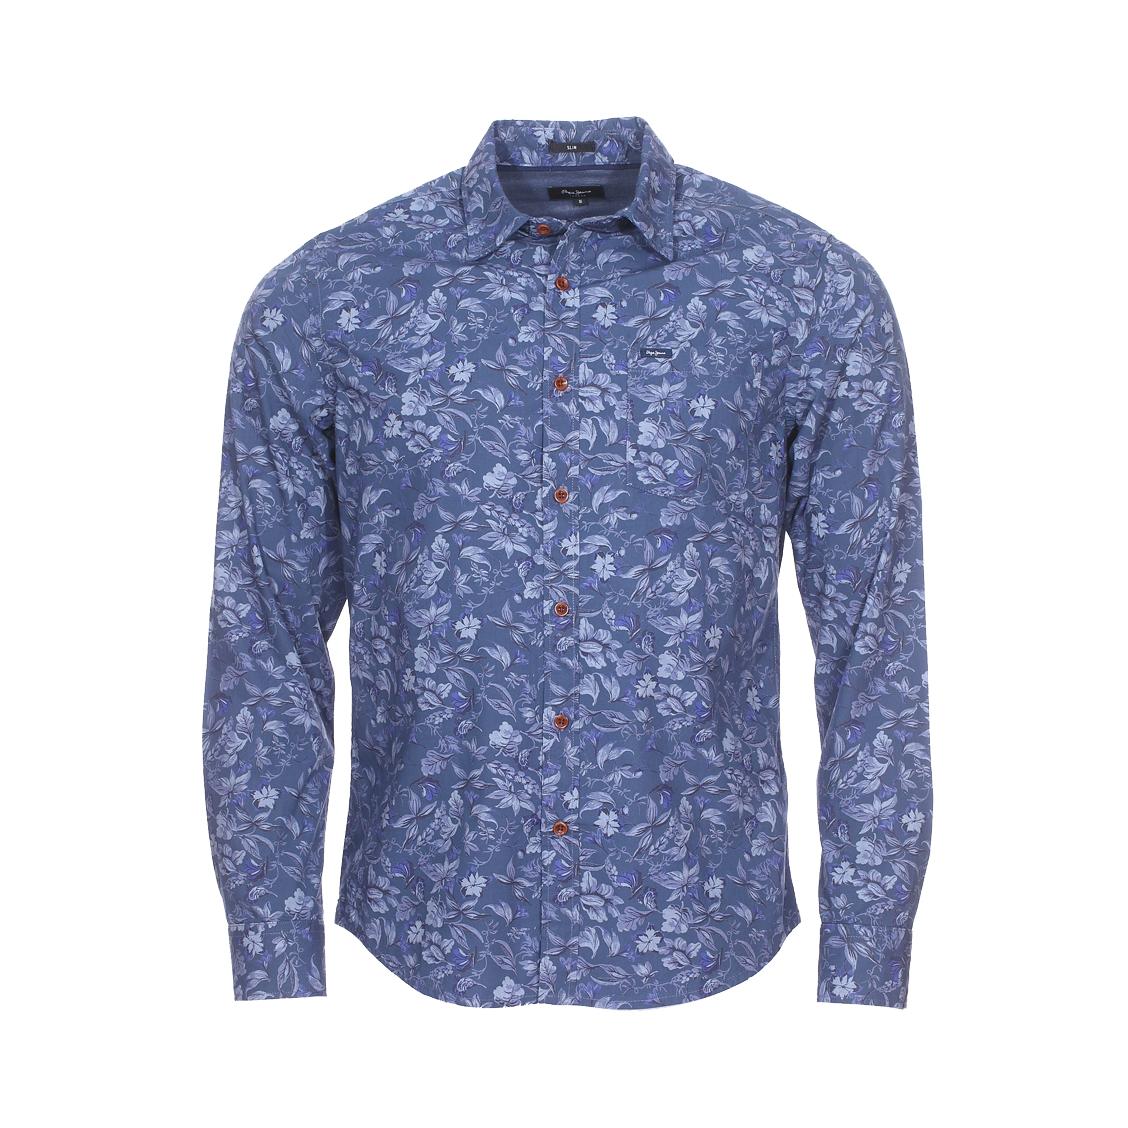 Chemise cintrée  pritchard en coton bleu marine à motif floral